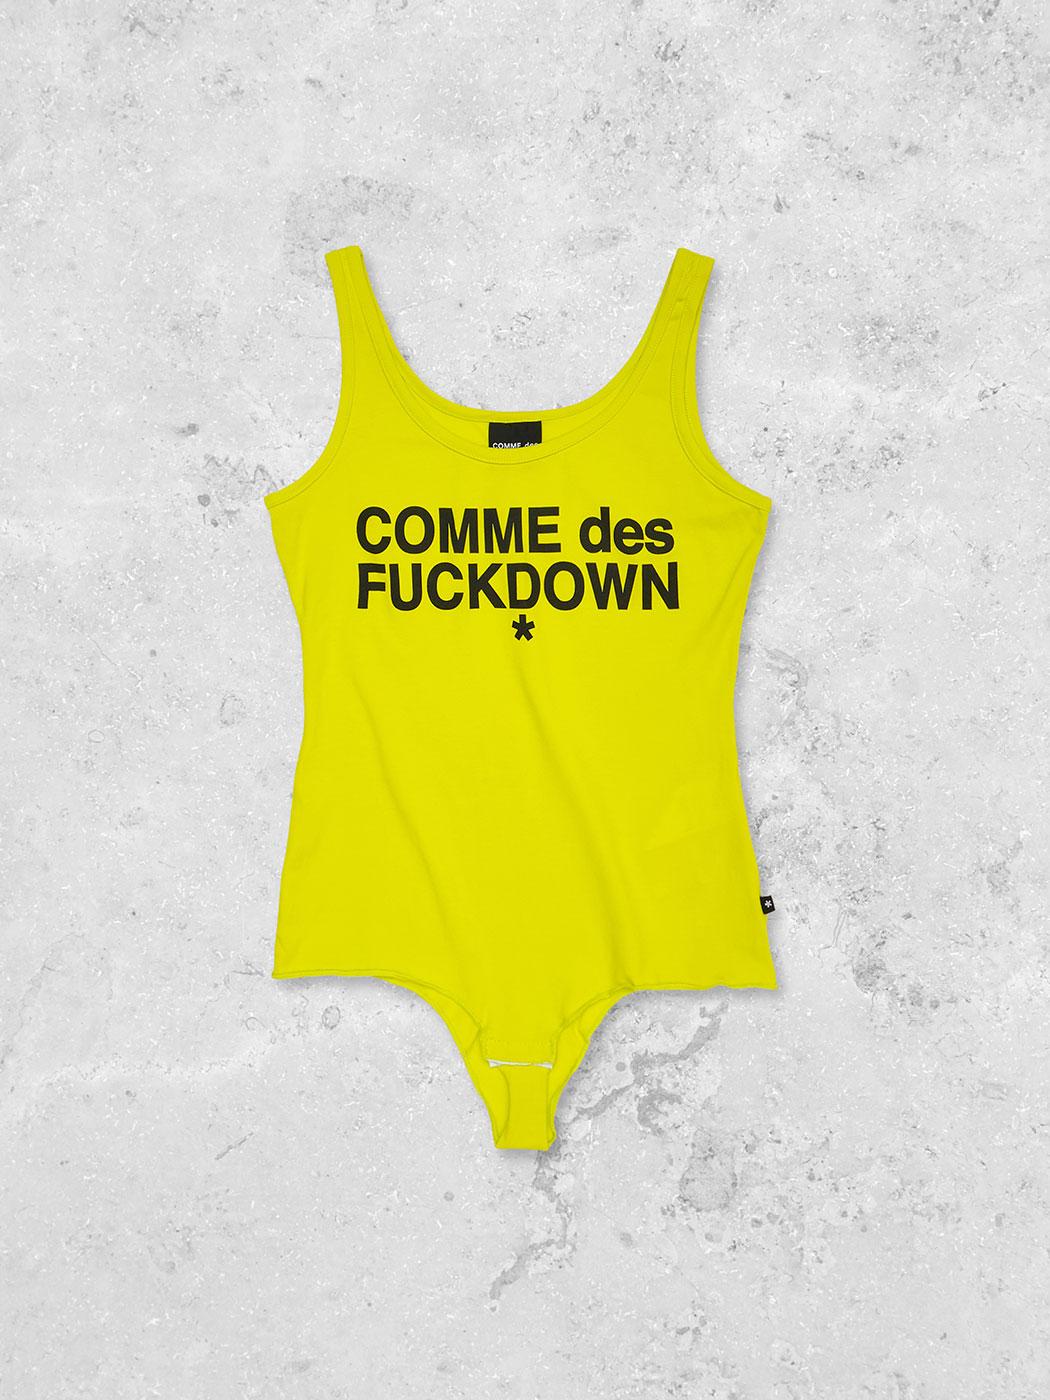 BODY - CDFD1352 - COMME DES FKDOWN